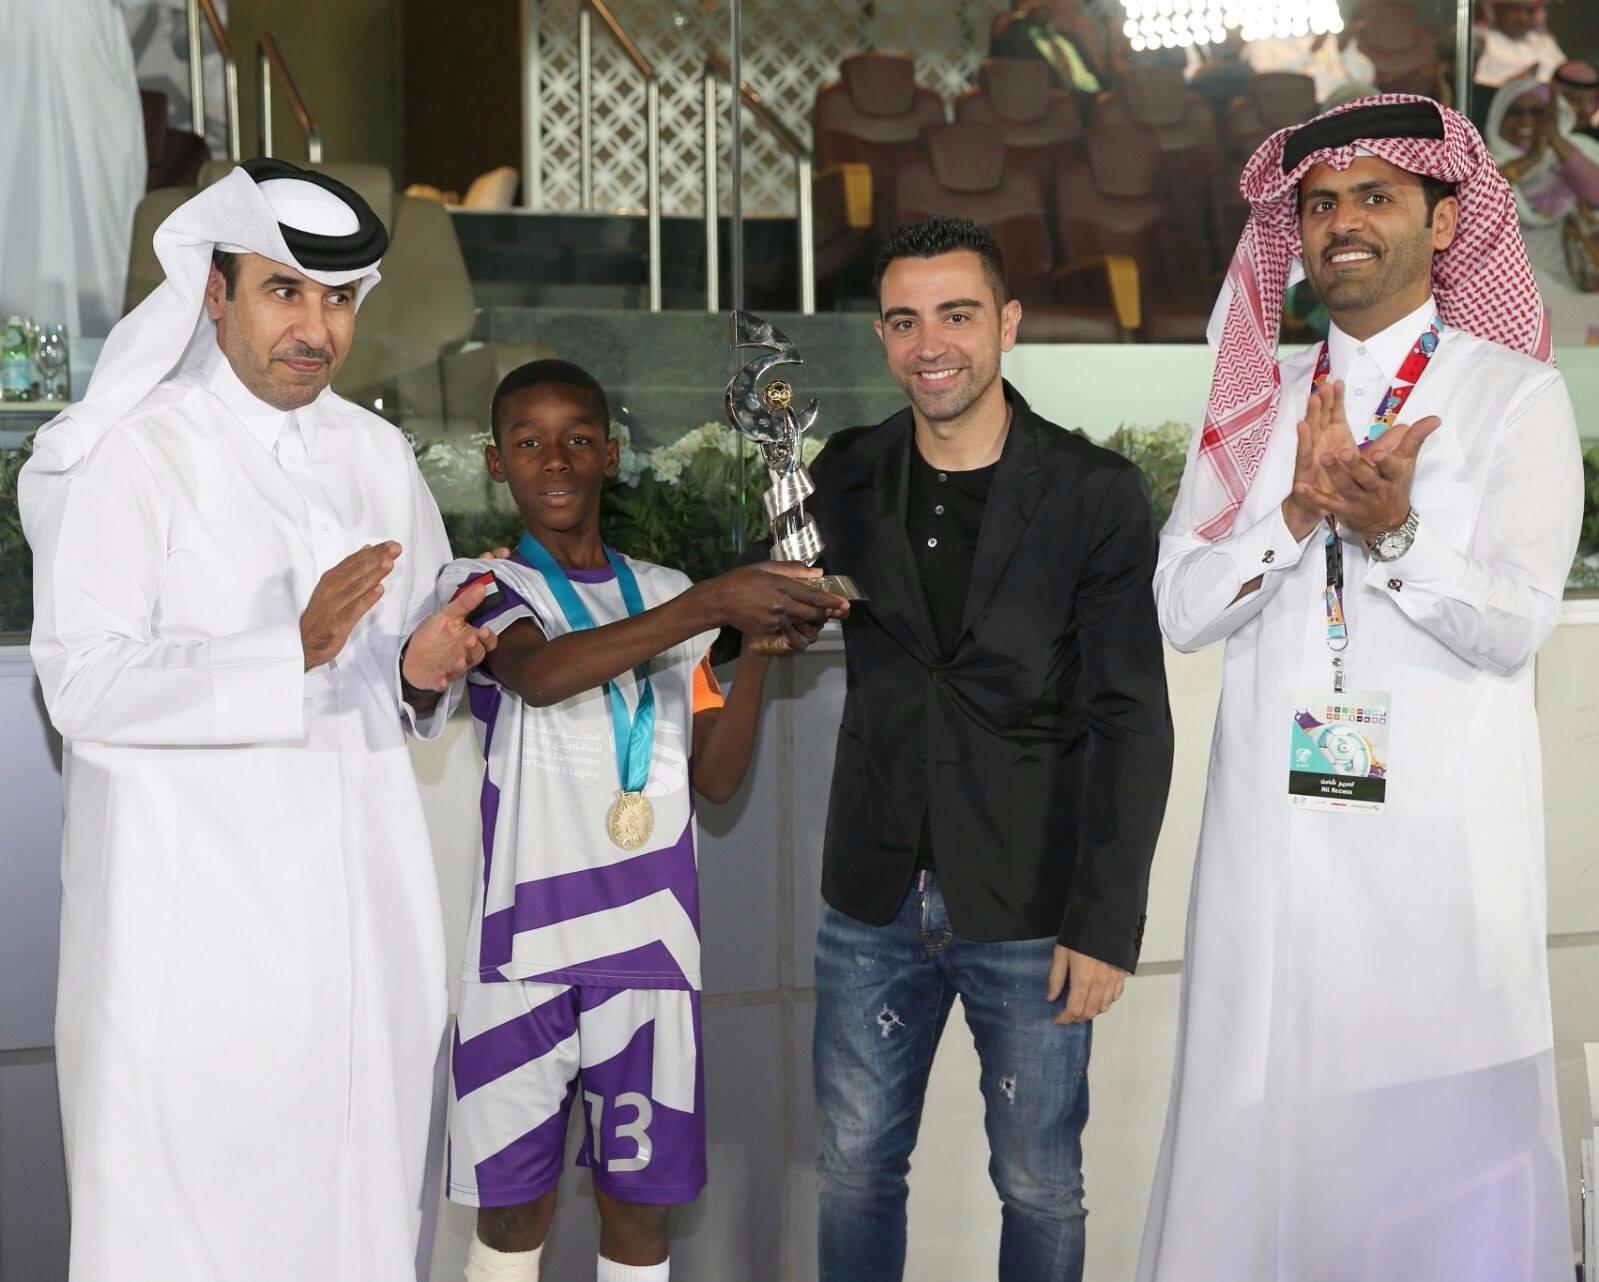 ممثل السودان يتوج بطلا للنسخة الثانية من بطولة كأس ج